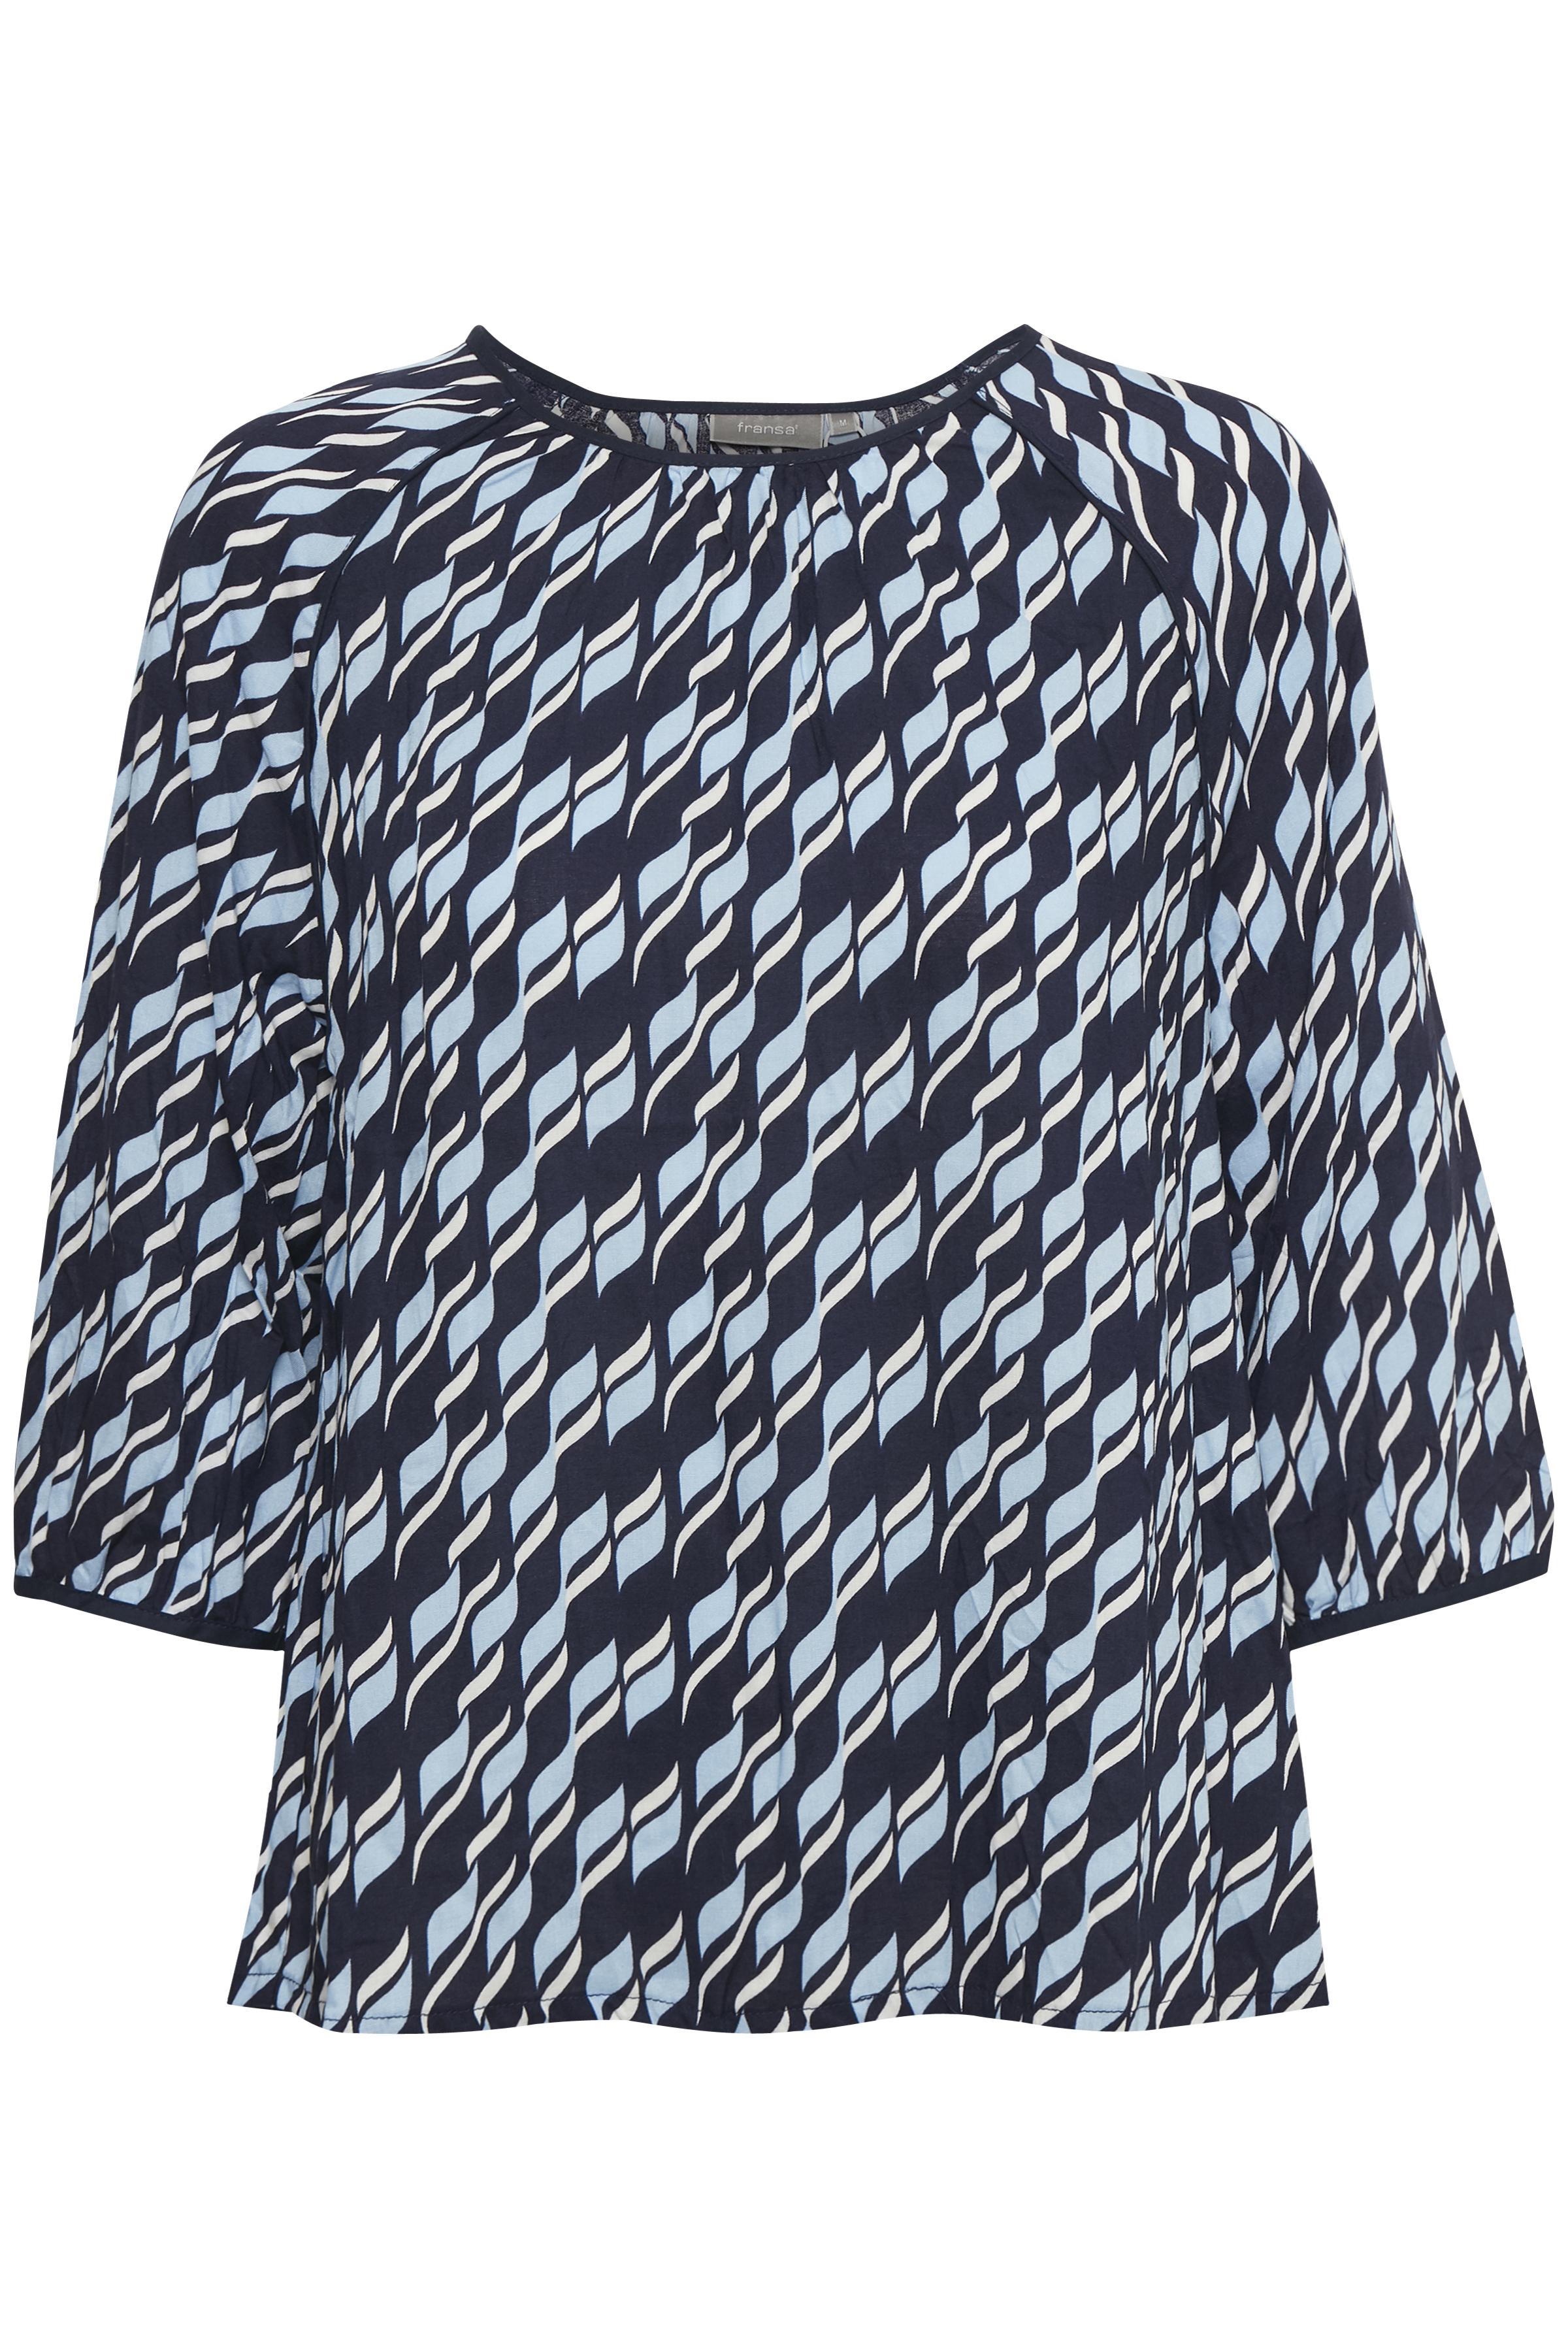 Marineblå/lyseblå Kortærmet bluse fra Fransa – Køb Marineblå/lyseblå Kortærmet bluse fra str. XS-XXL her